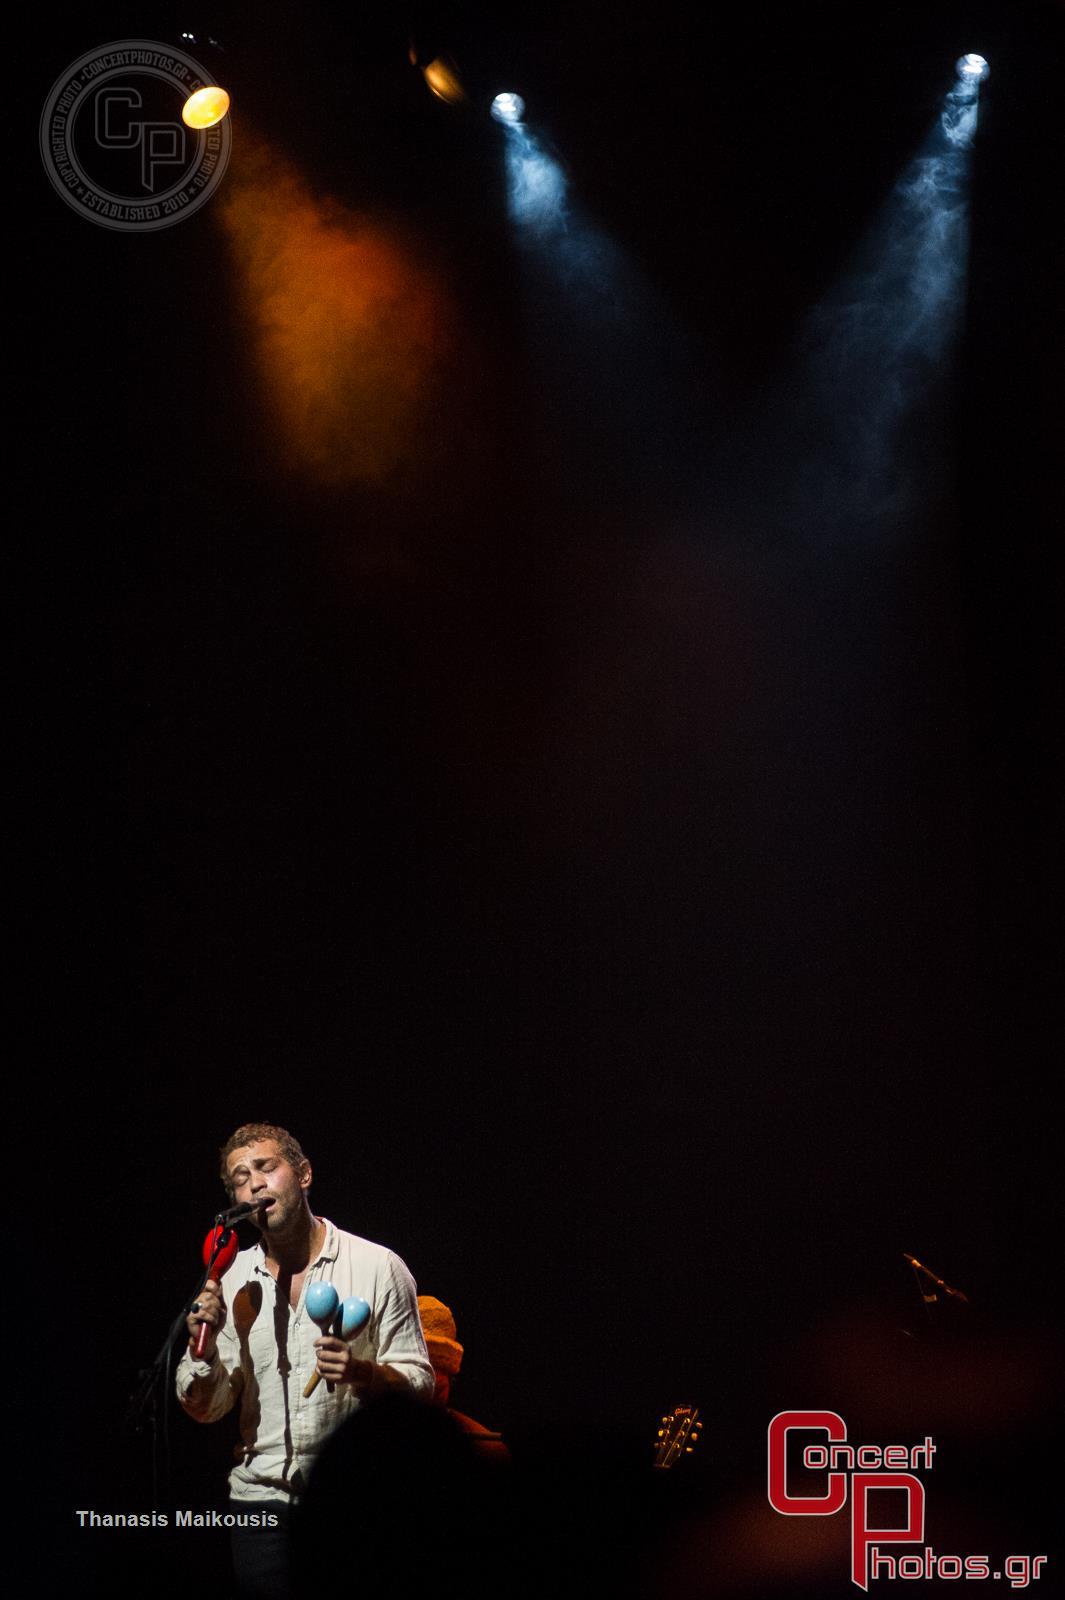 Allah Las & My Drunken Haze -Allah Las My Drunken Haze  photographer: Thanasis Maikousis - ConcertPhotos - 20141102_0121_26